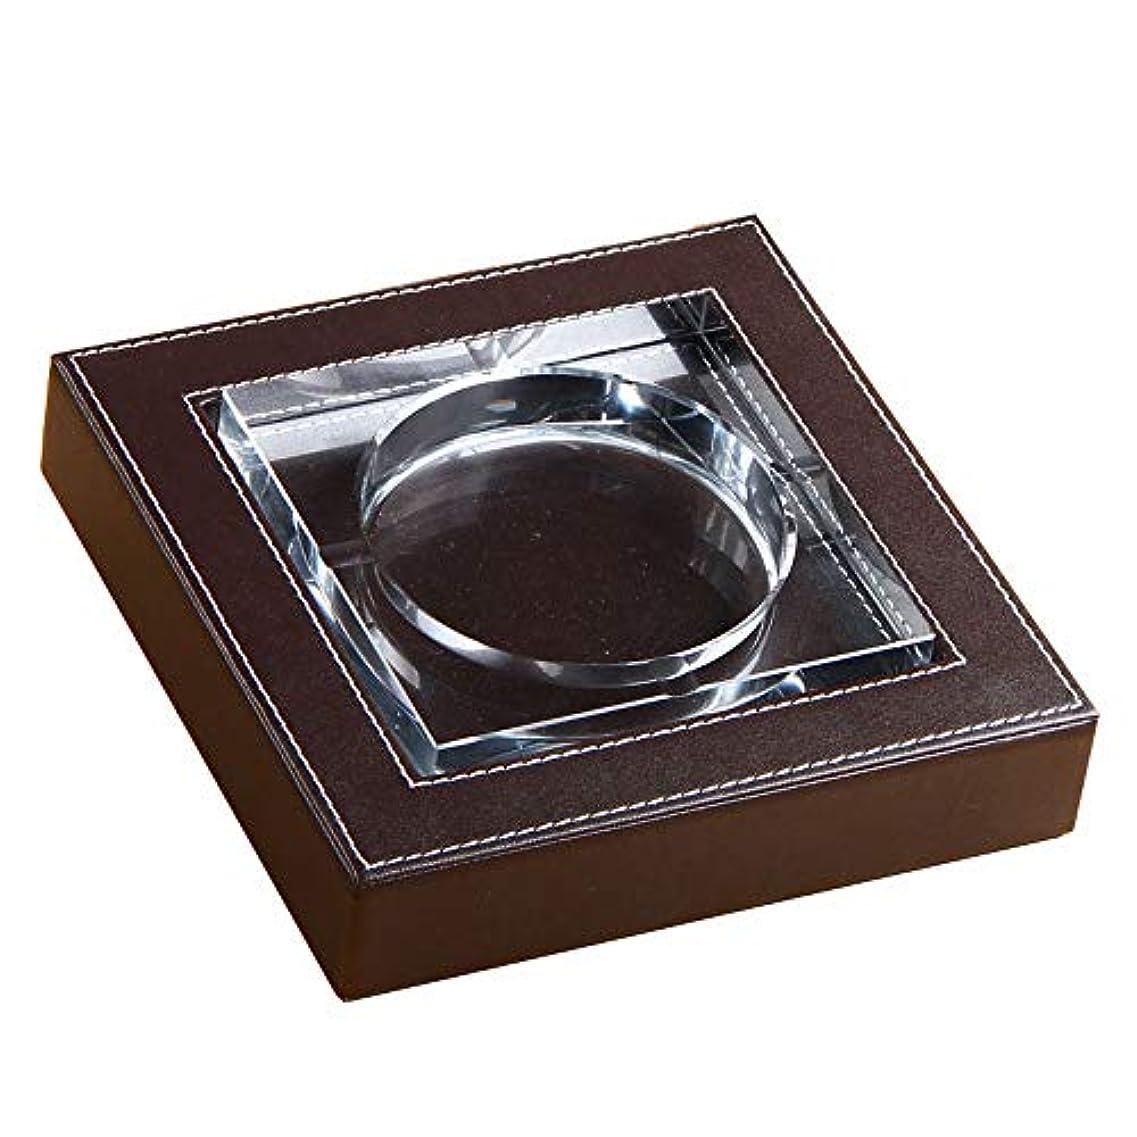 放送嵐口述屋内でクリスタル屋外喫煙者のための灰皿灰皿ホルダー、ホームオフィスの装飾のためのデスクトップの喫煙灰皿 (Size : S)